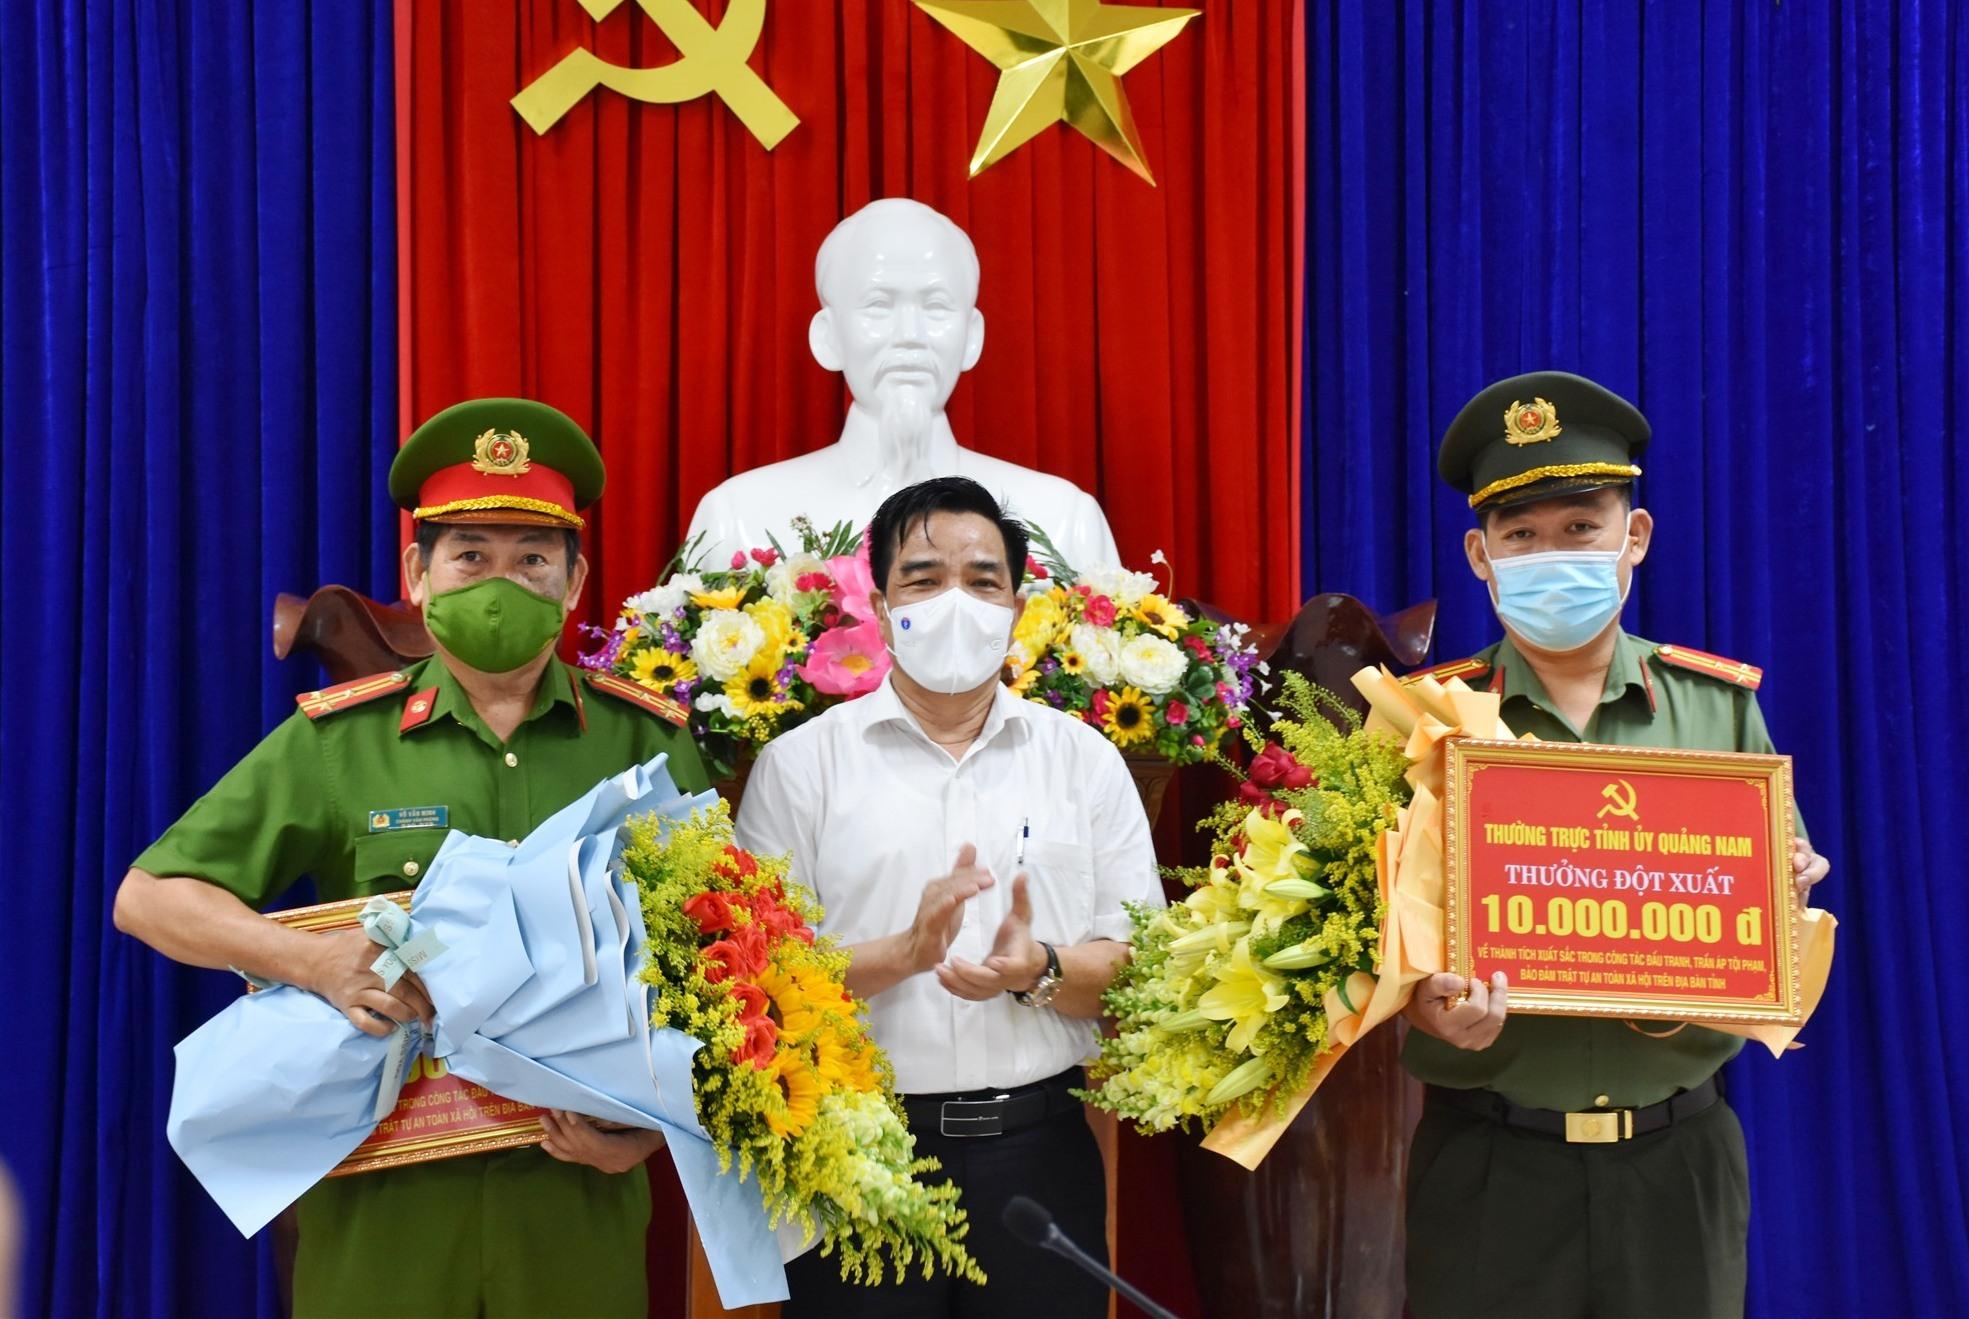 Đồng chí Lê Văn Dũng, Phó Bí thư thường trực Tỉnh ủy Quảng Nam tặng hoa chúc mừng, thưởng nóng 2 đơn vị Phòng An ninh mạng và PCTP sử dụng công nghệ cao, Văn phòng Cơ quan Cảnh sát điều tra.